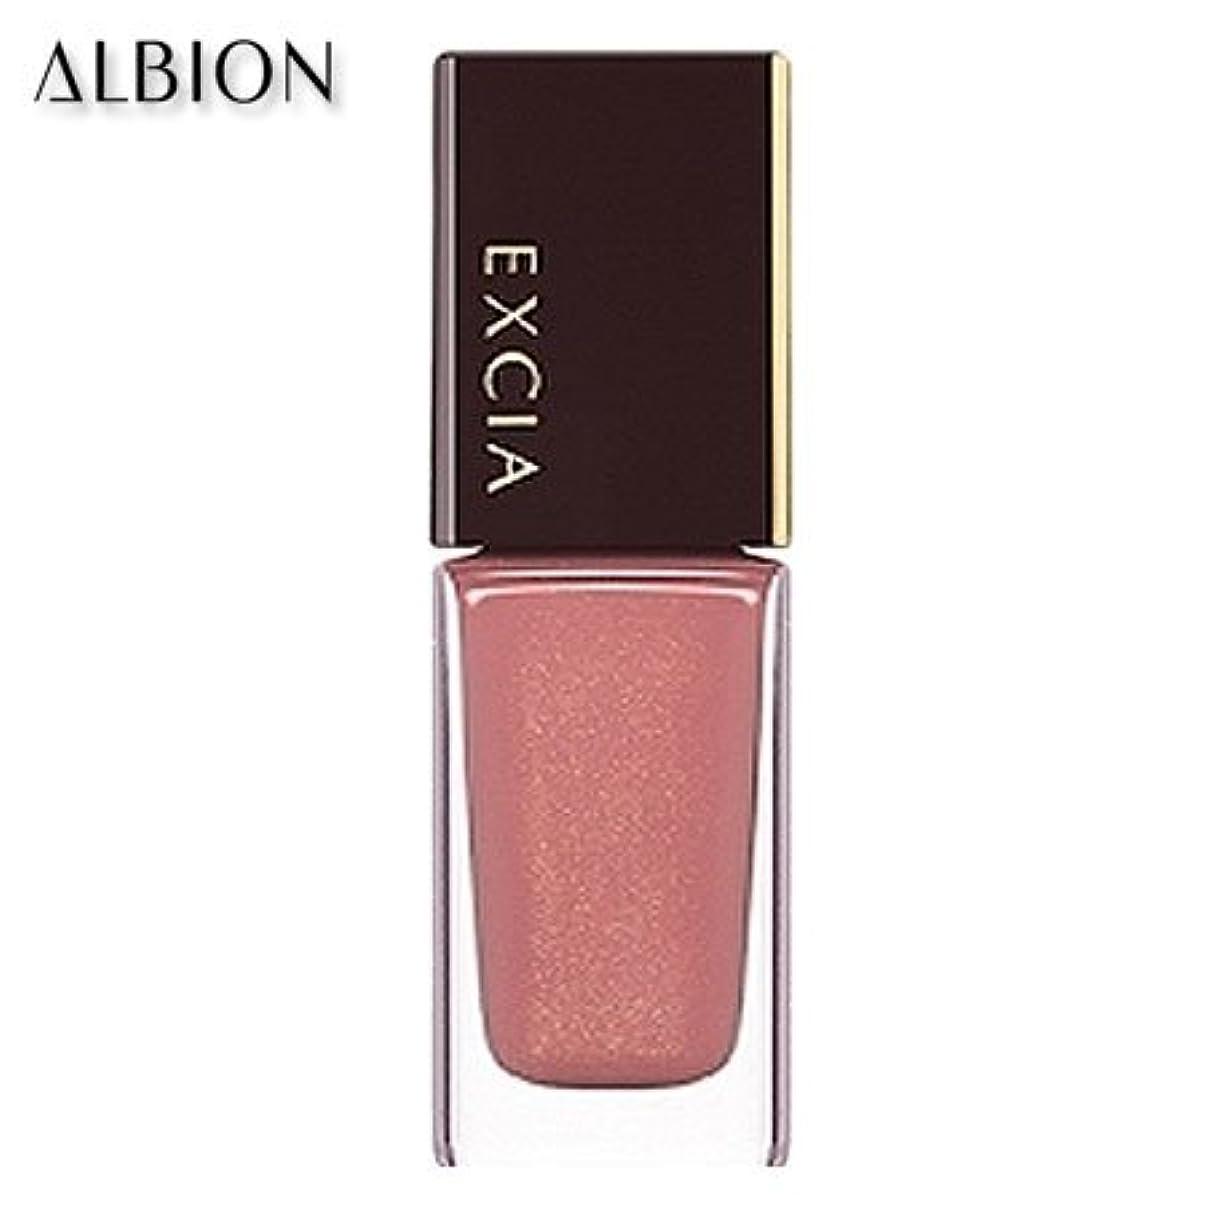 で出来ているサーキットに行く美しいアルビオン エクシア AL ネイルカラー S 11色 -ALBION- 05